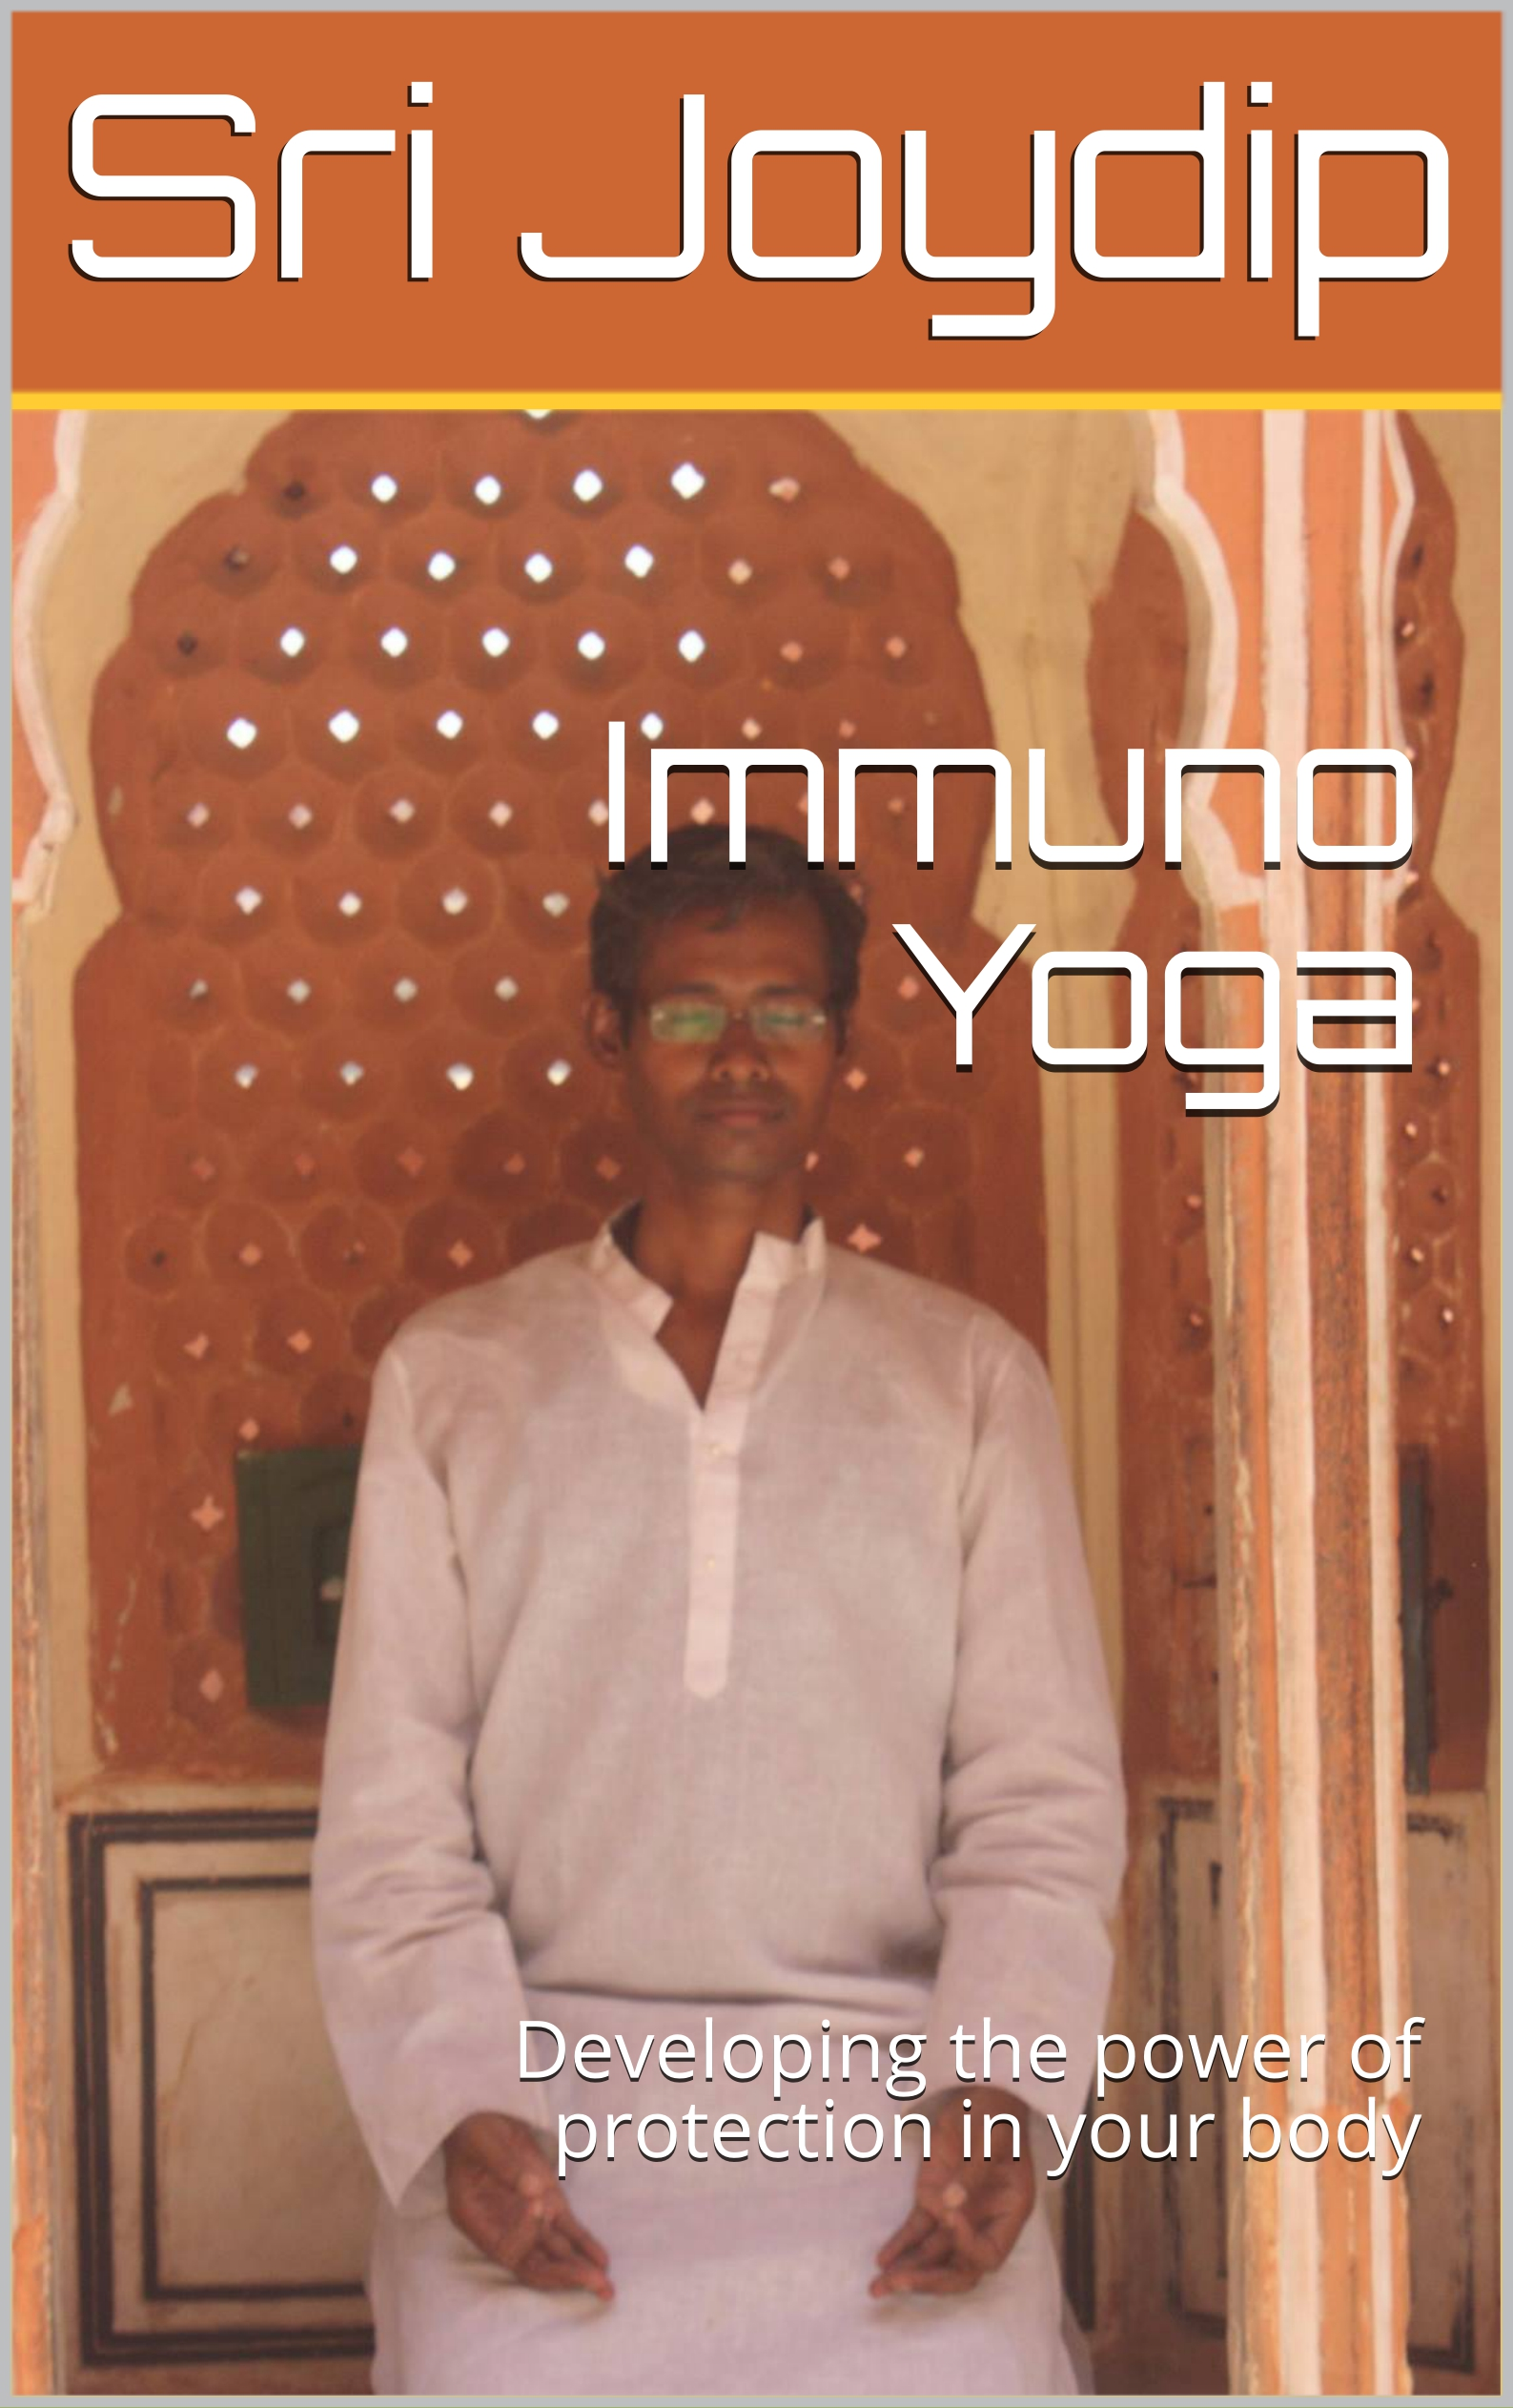 Immunoyoga_Cover